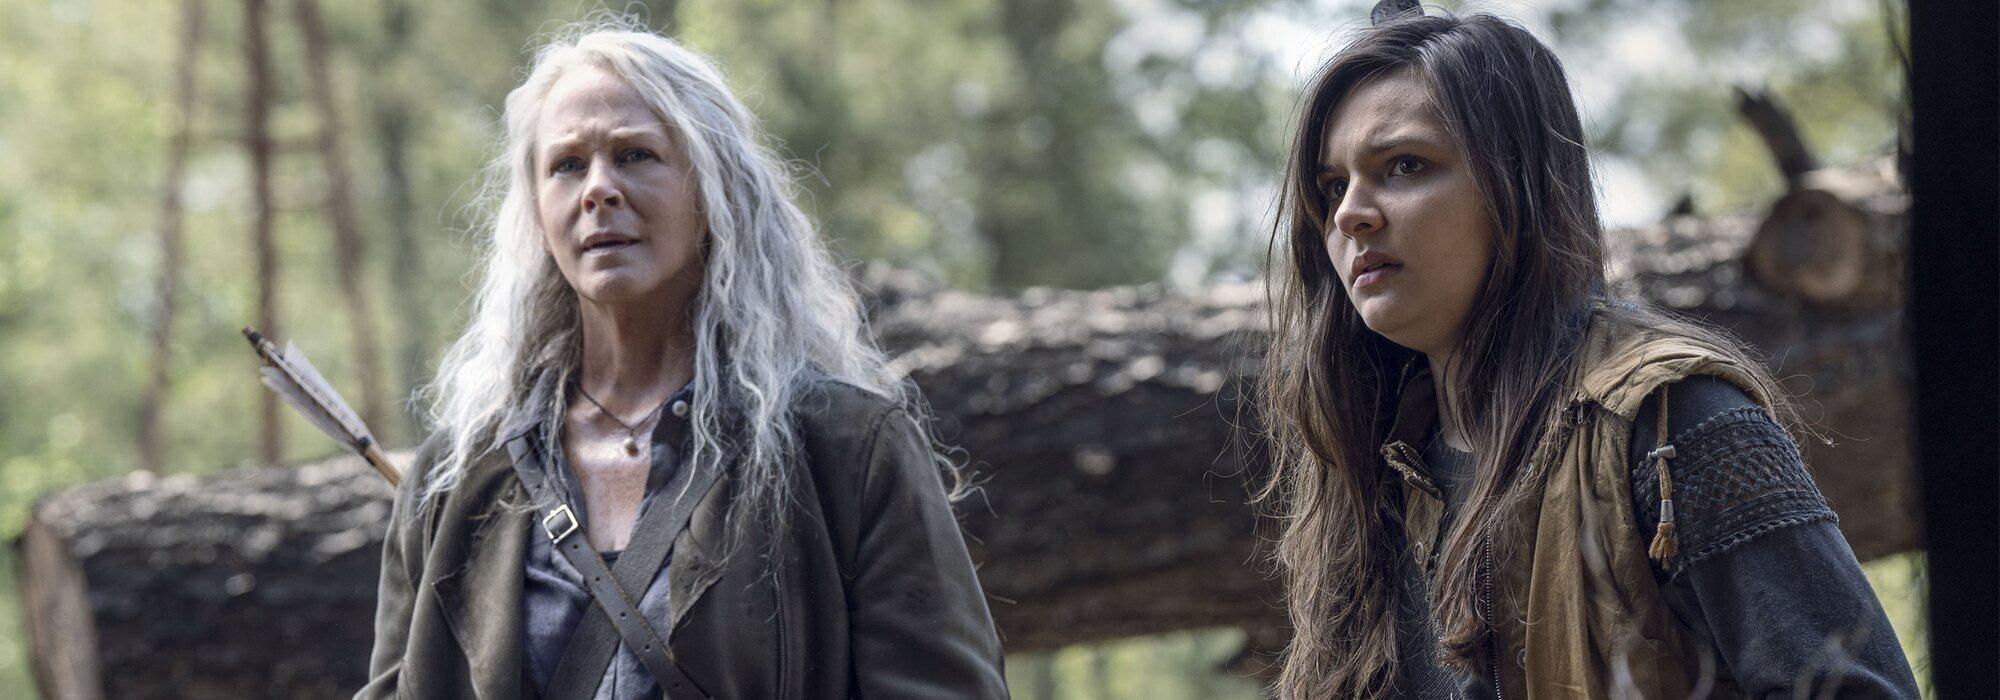 Capítulos The Walking Dead: Todos los episodios